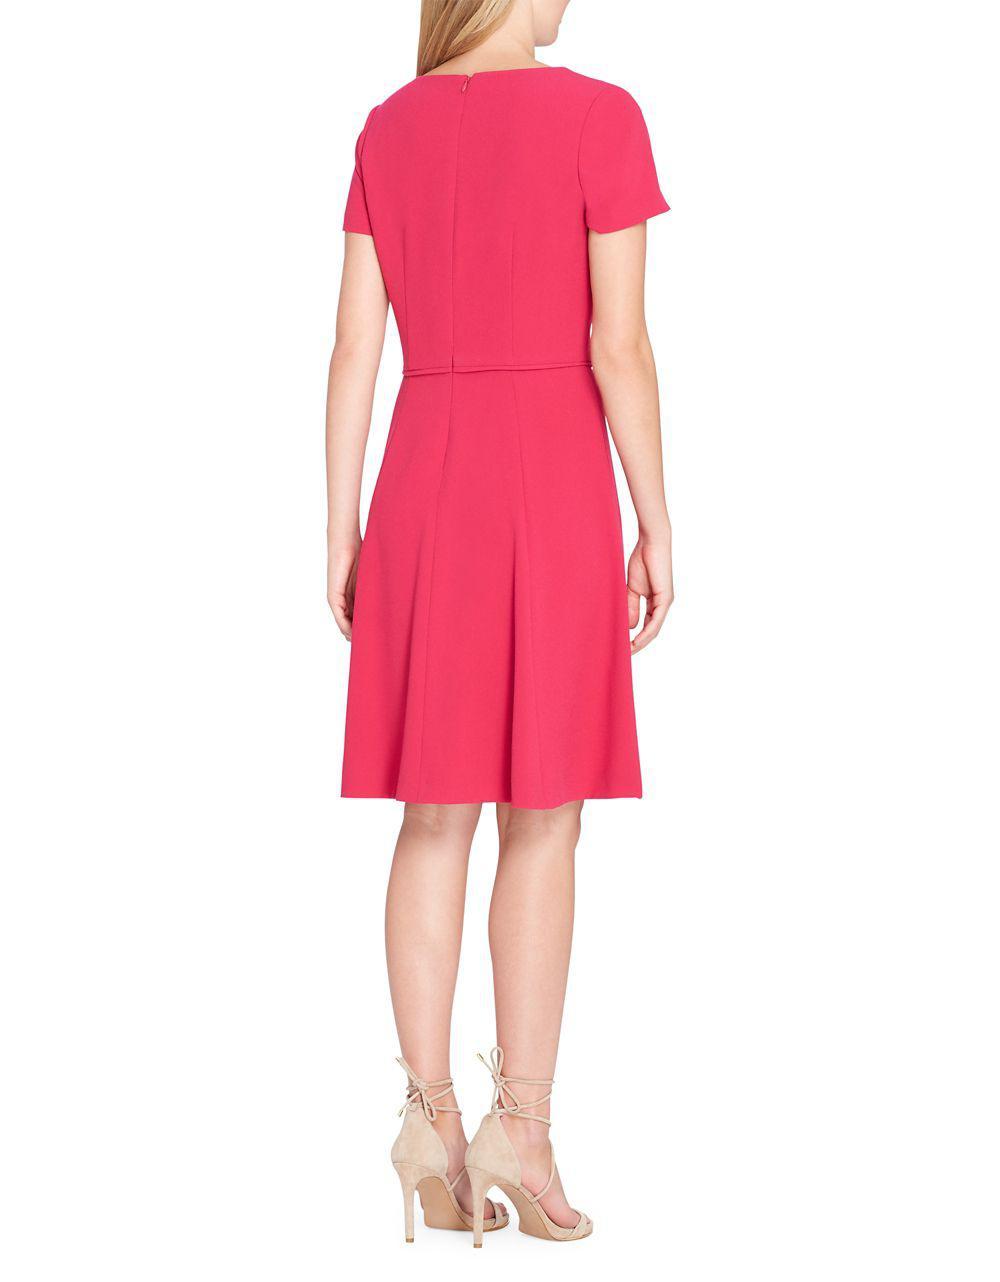 03d49ac0b1f0 Lyst - Tahari Pleated Fit-&-flare Dress in Pink